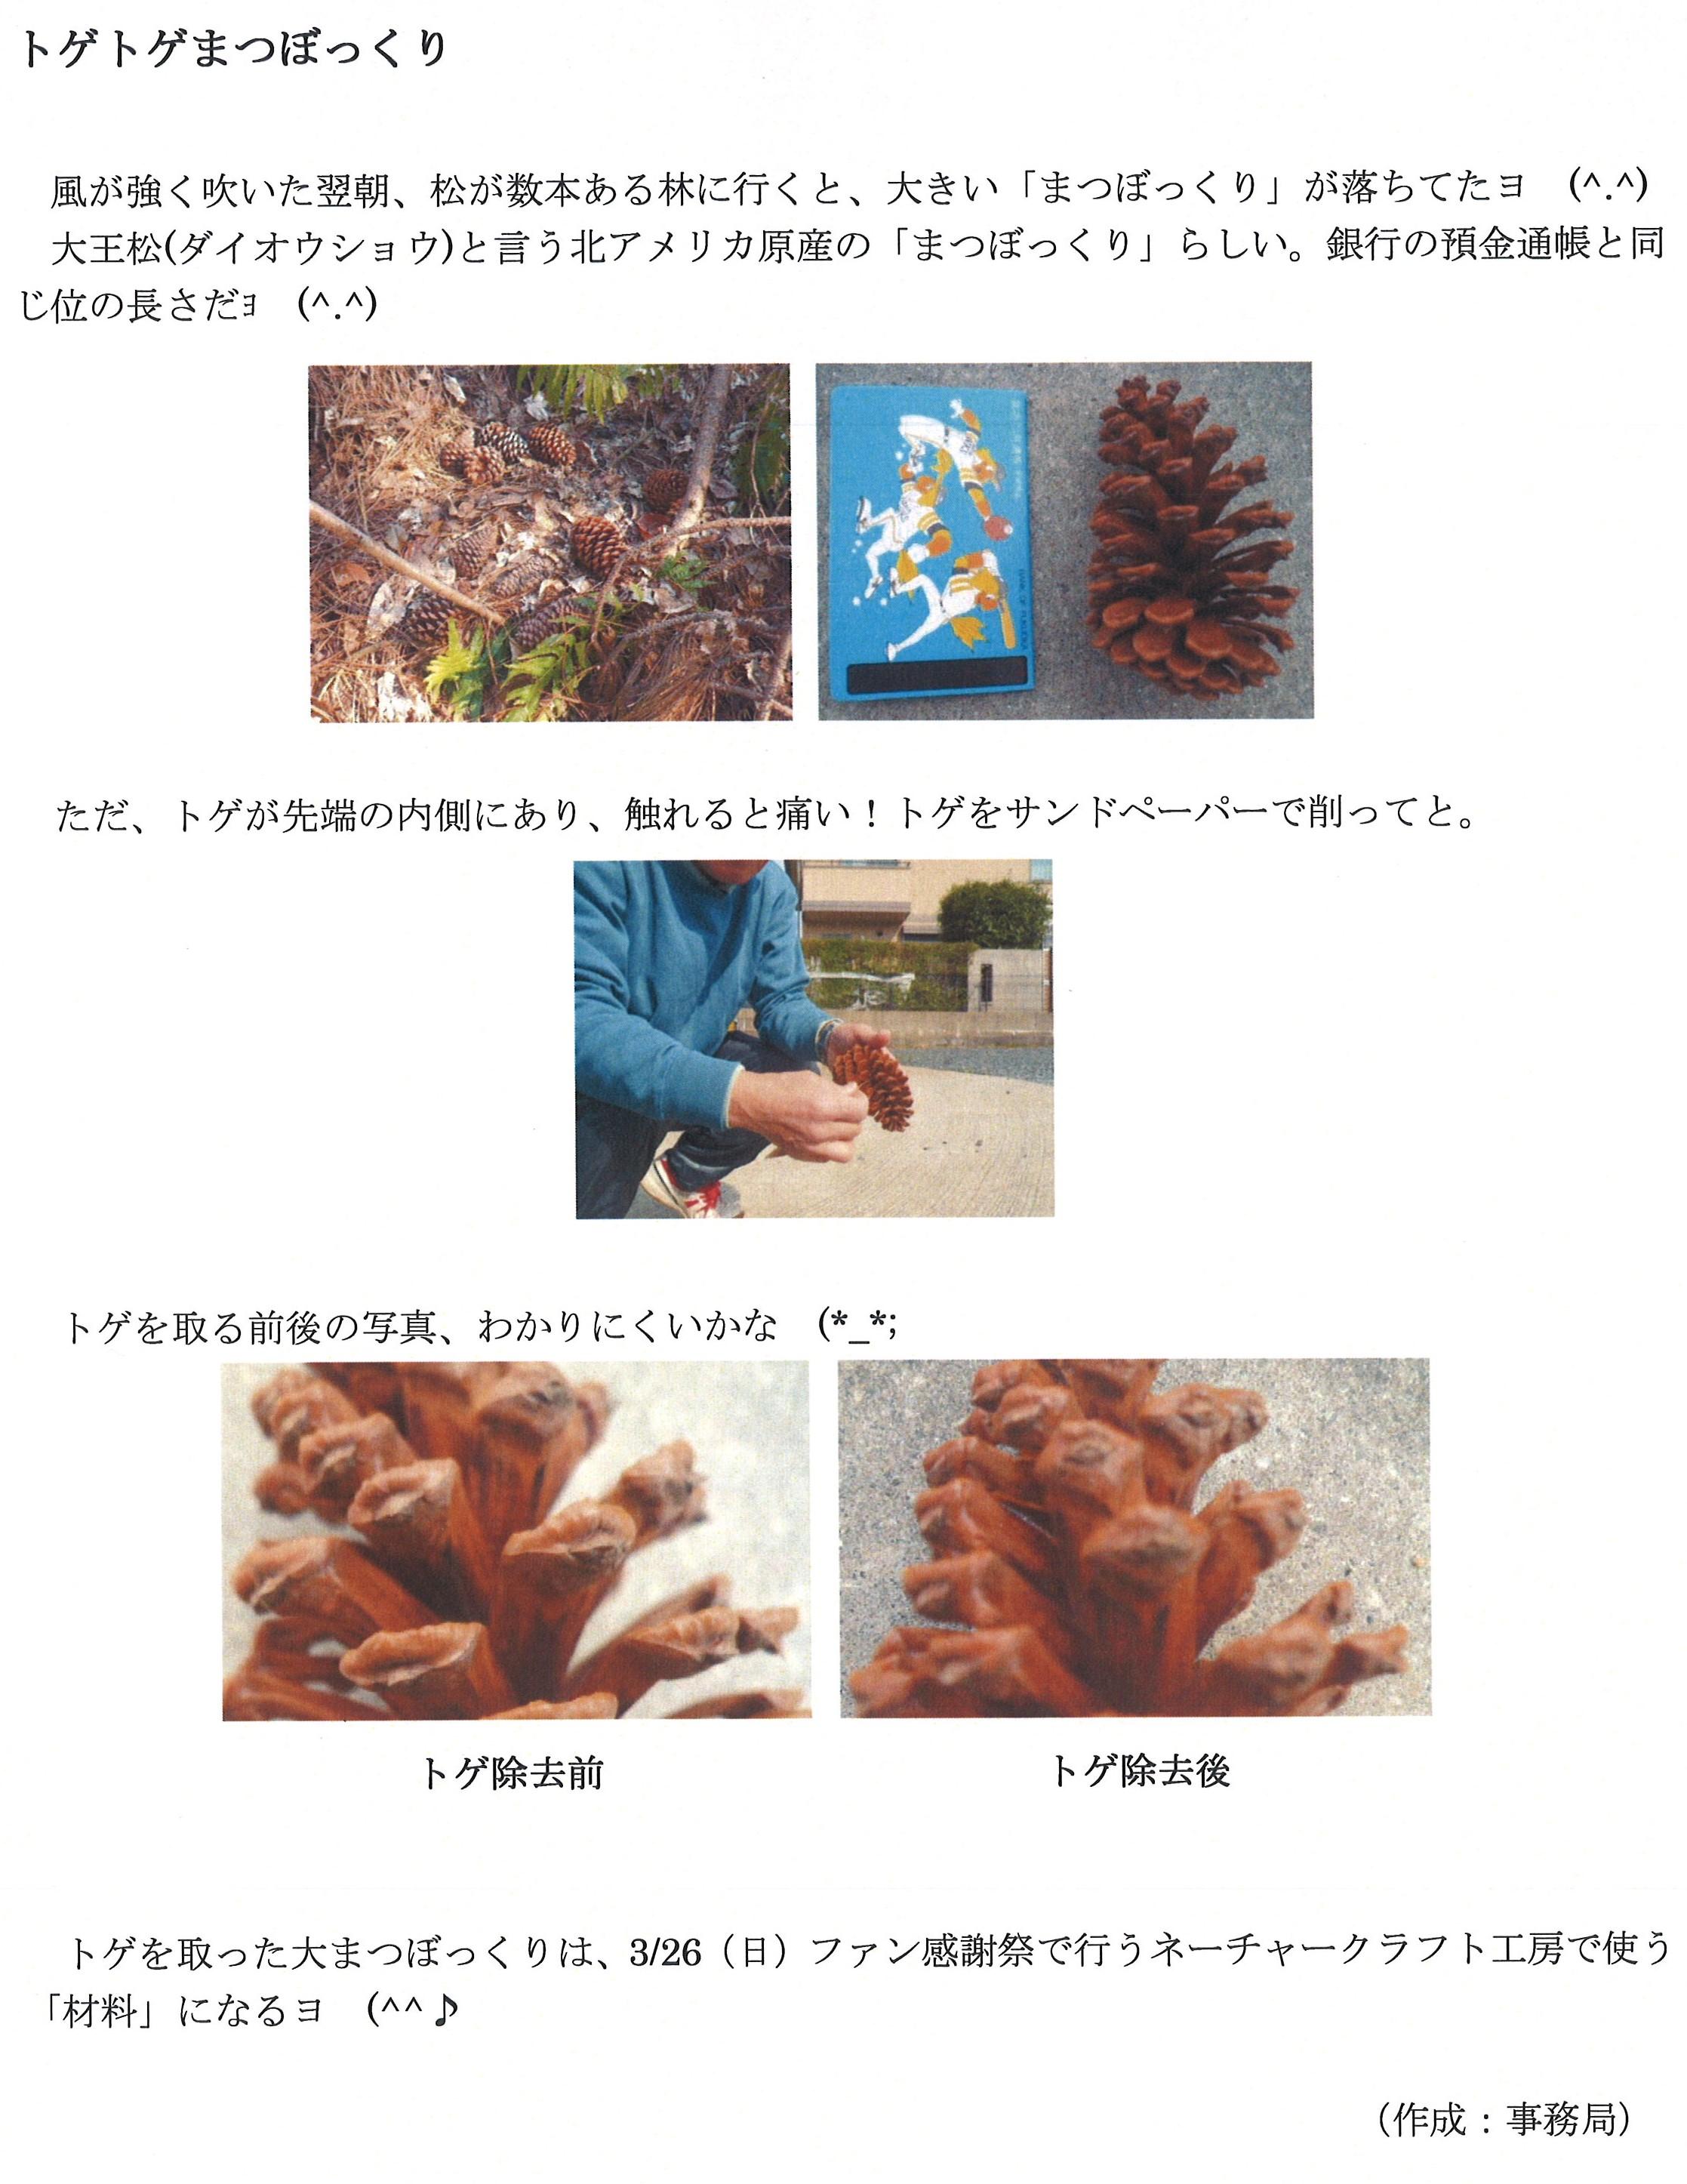 20170320_ボランティア.jpg